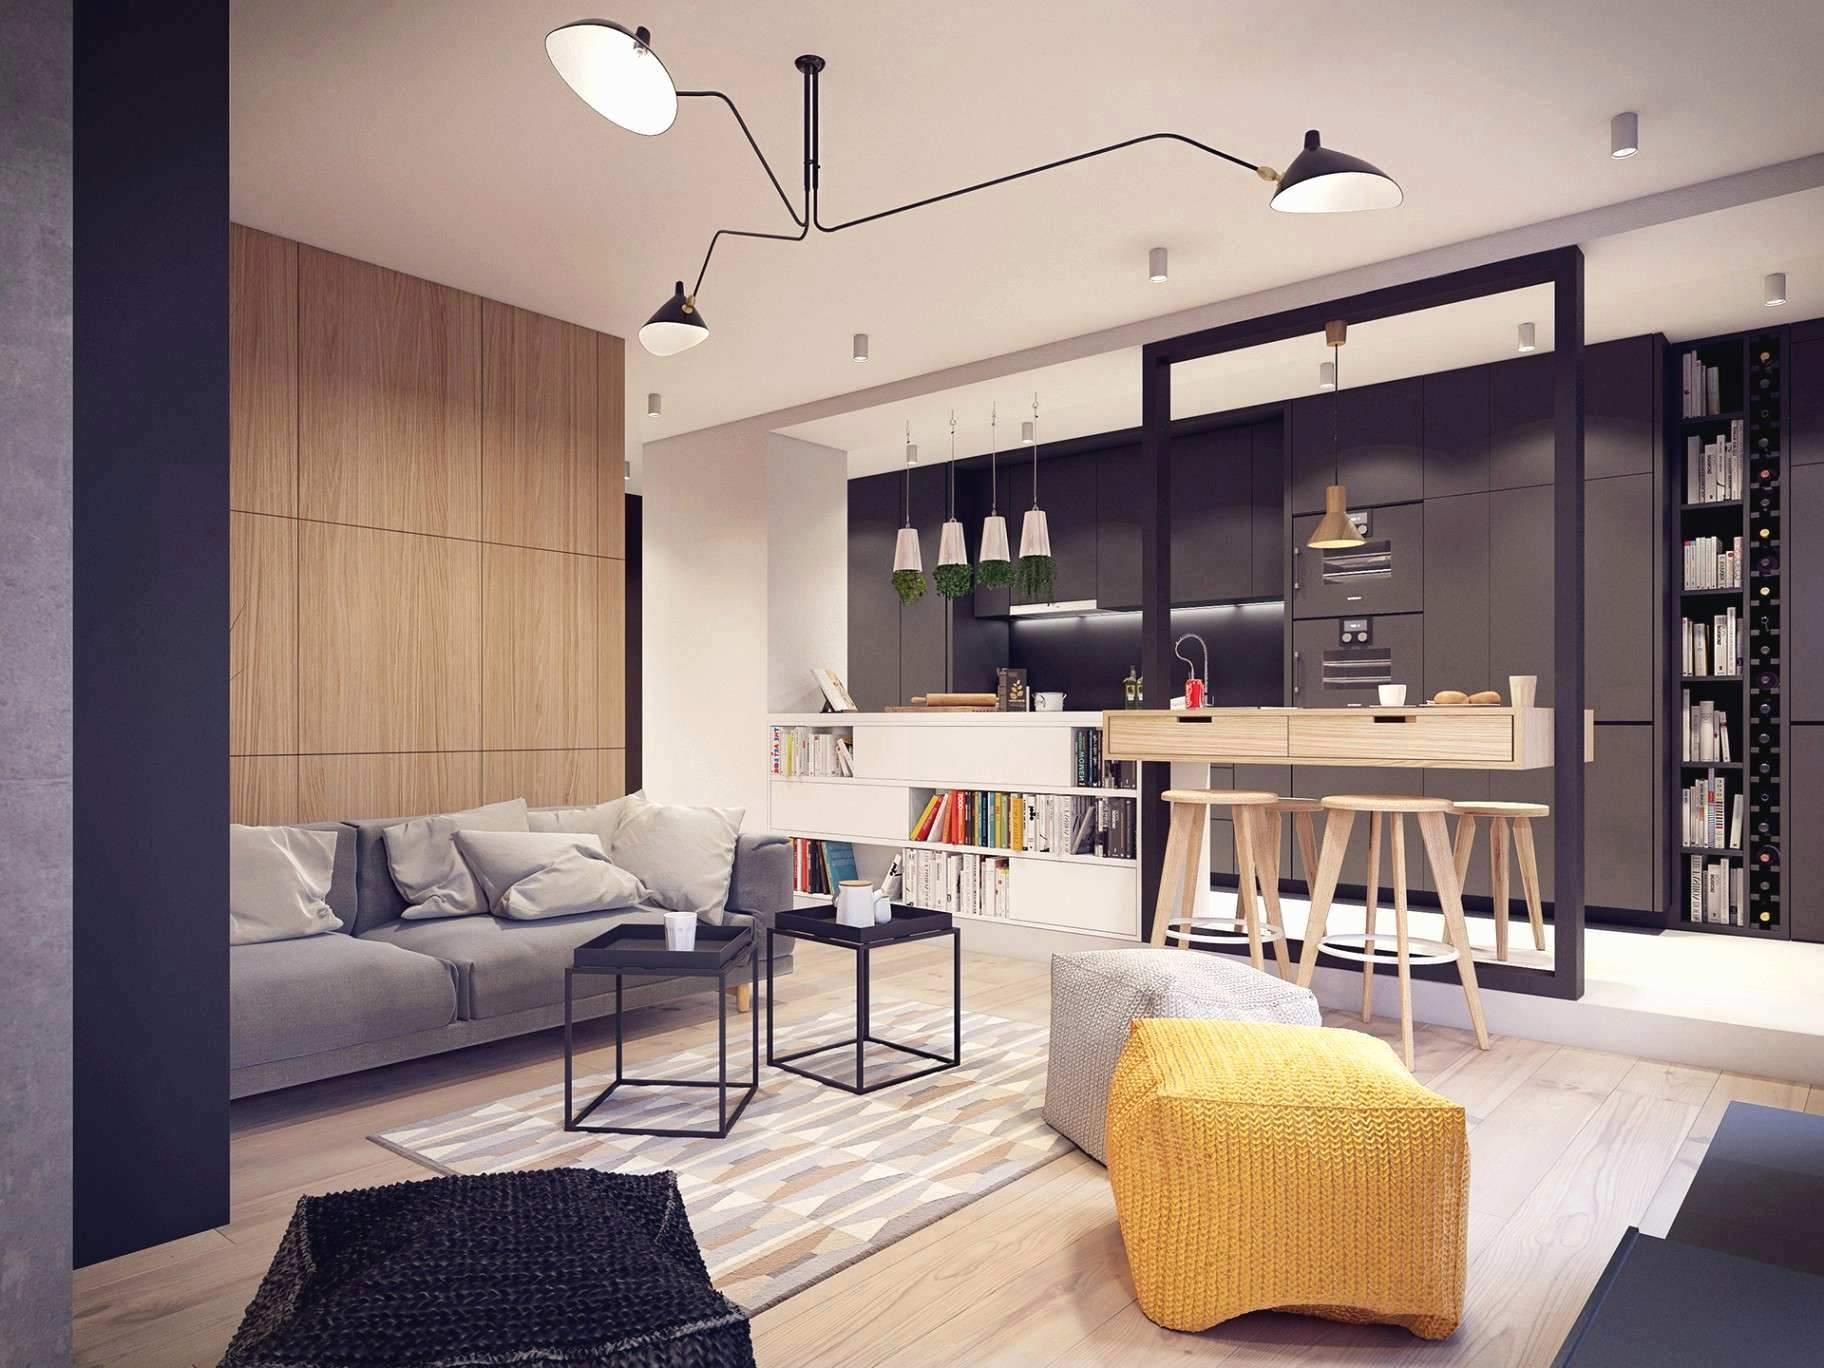 Full Size of Schöne Decken 27 Luxus Led Beleuchtung Wohnzimmer Decke Neu Frisch Deckenlampen Deckenlampe Schlafzimmer Badezimmer Modern Für Deckenleuchte Bad Wohnzimmer Schöne Decken